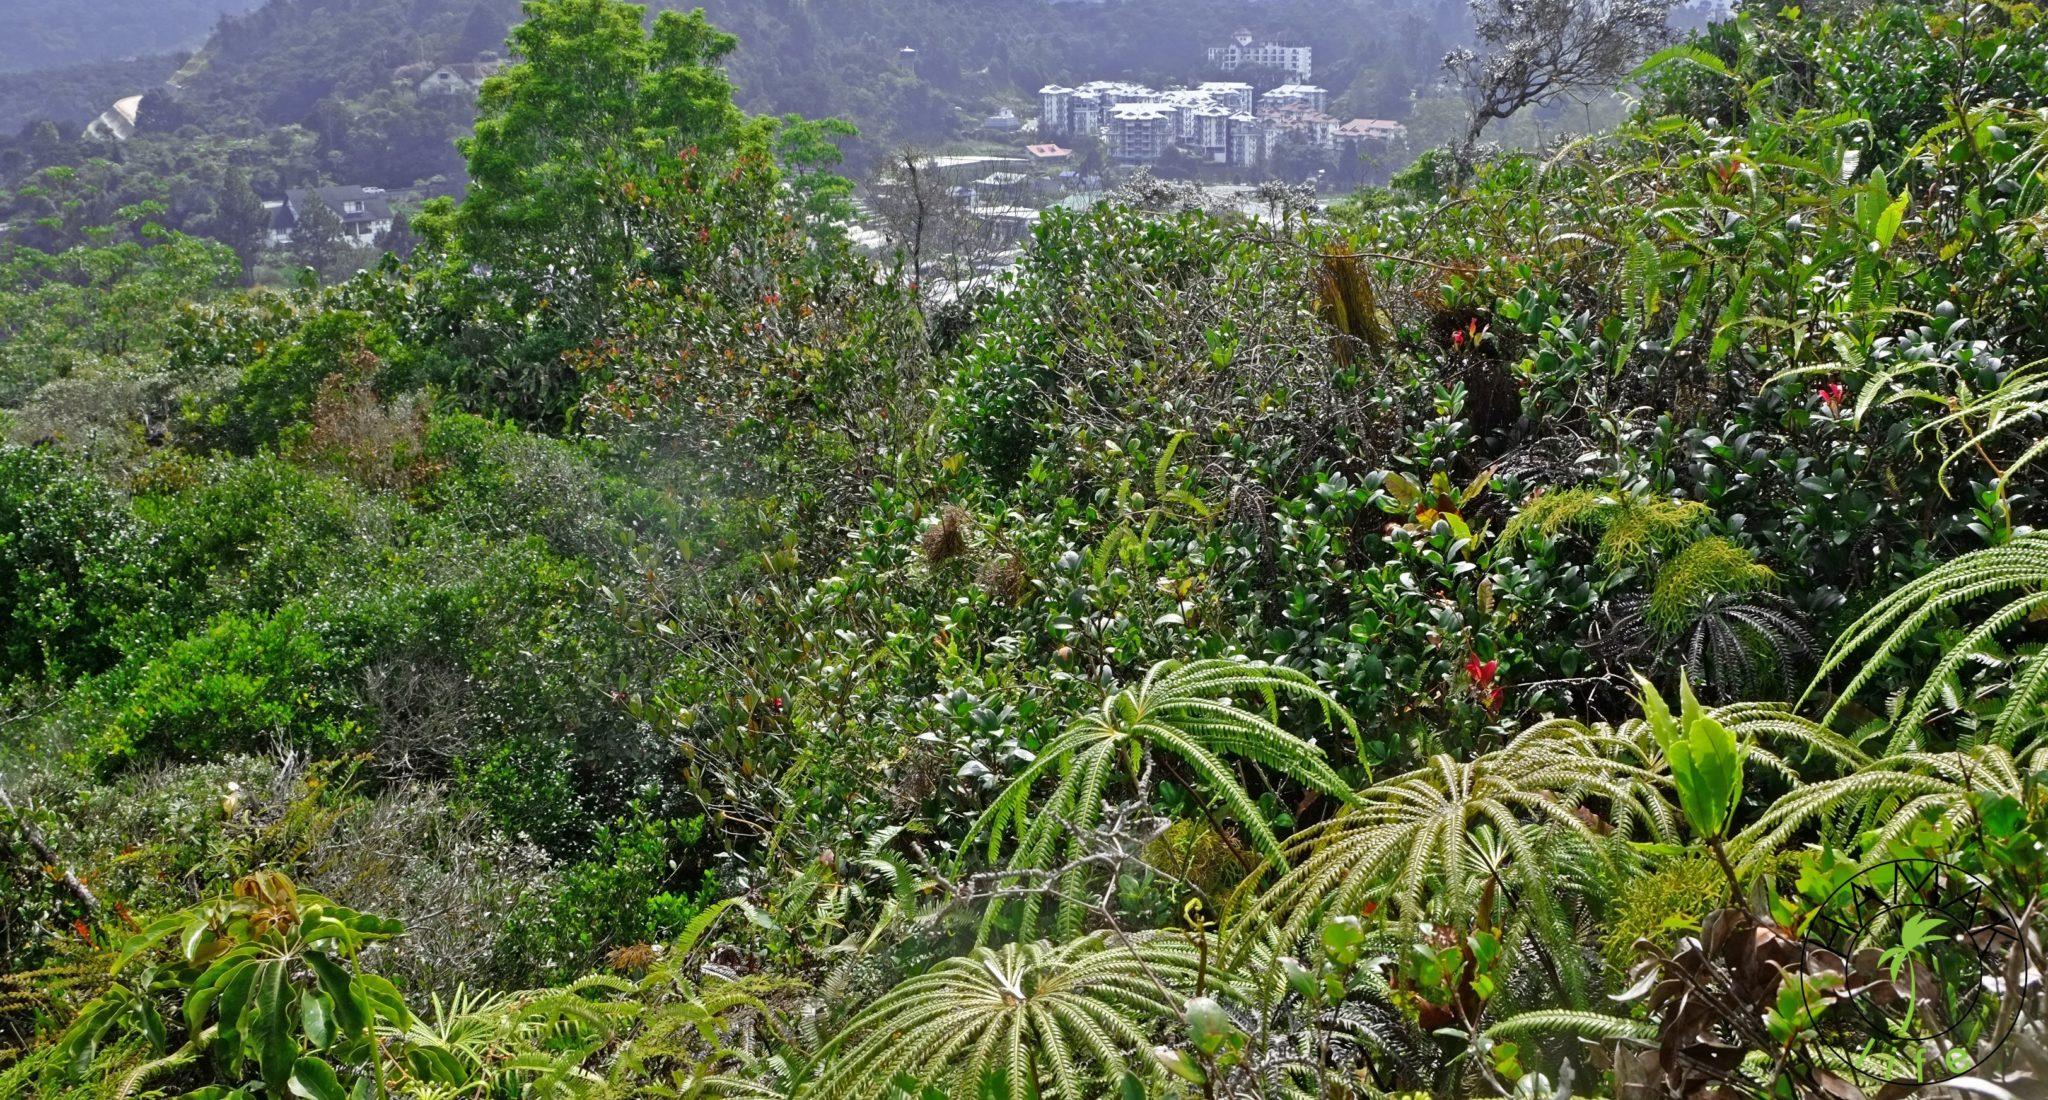 Cameron HIghlands w Malezji. Region plantacji truskawek, bakłażanów i herbaty. Za spożycie kokainy i innych narkotyków w Malezji grozi kara śmierci.